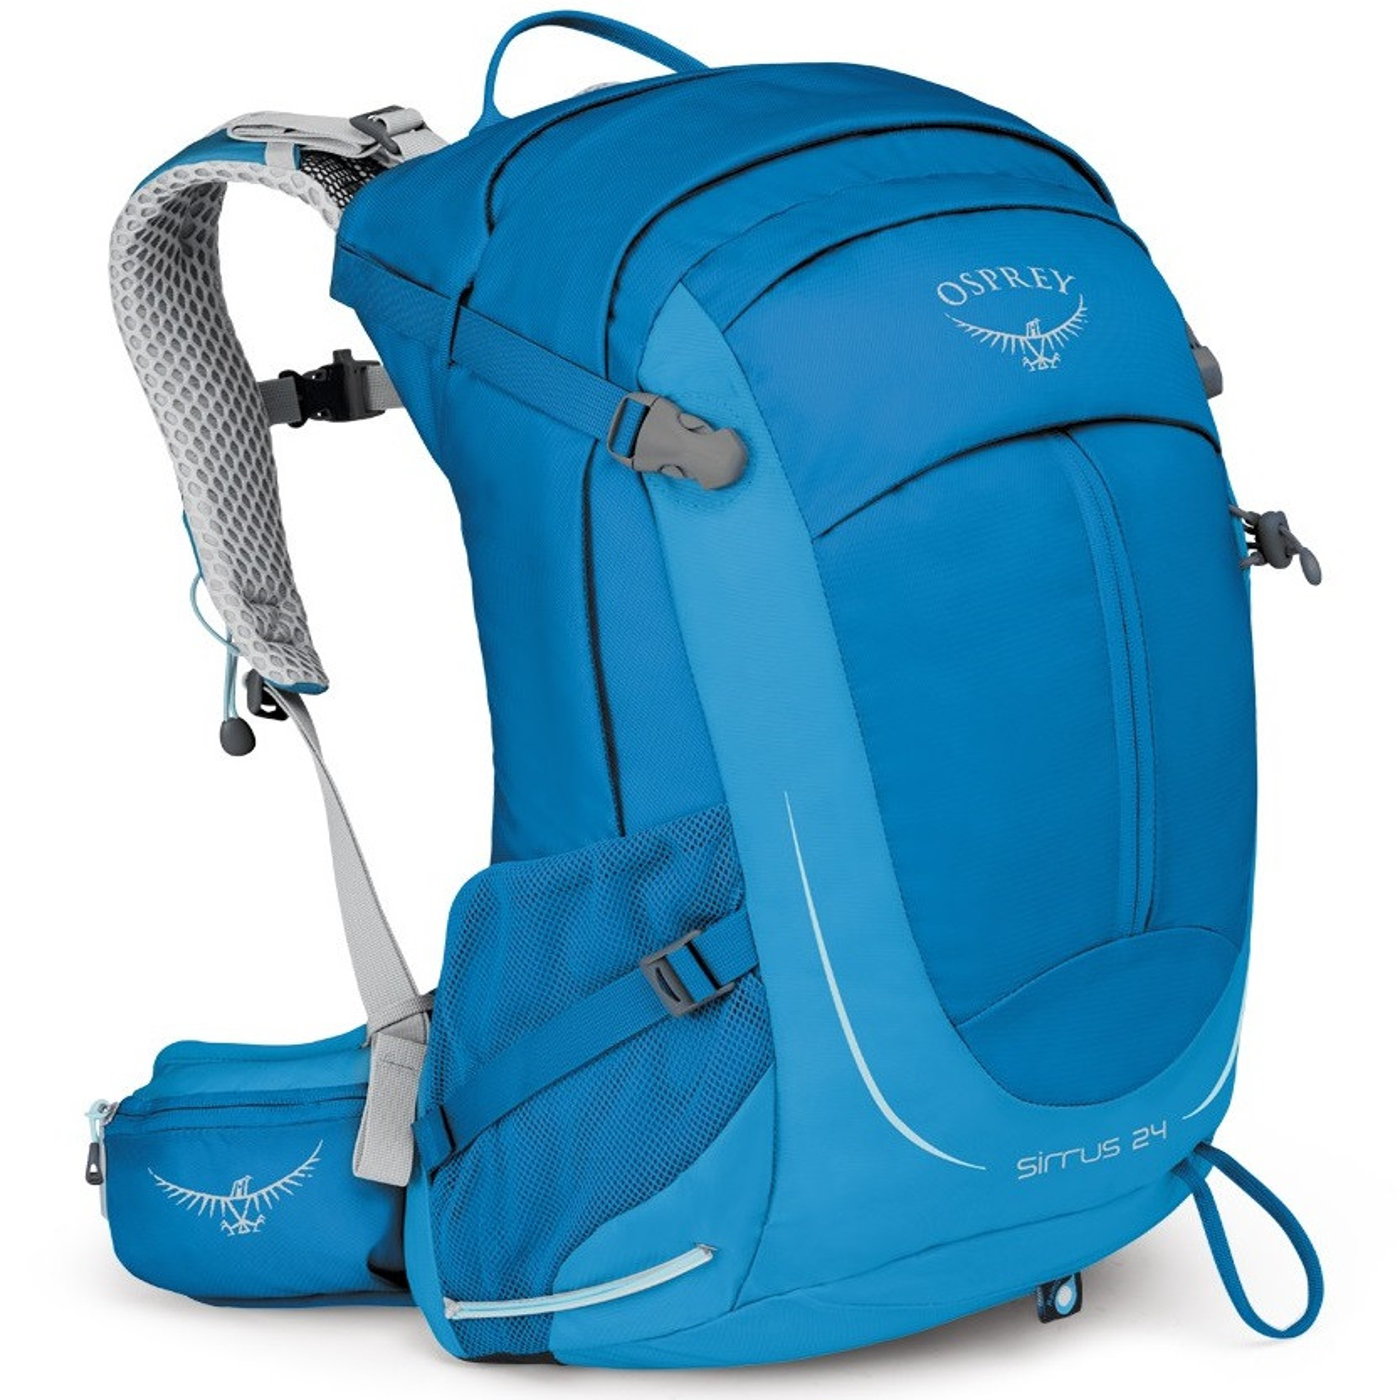 Women's backpack Osprey Sirrus 24 II